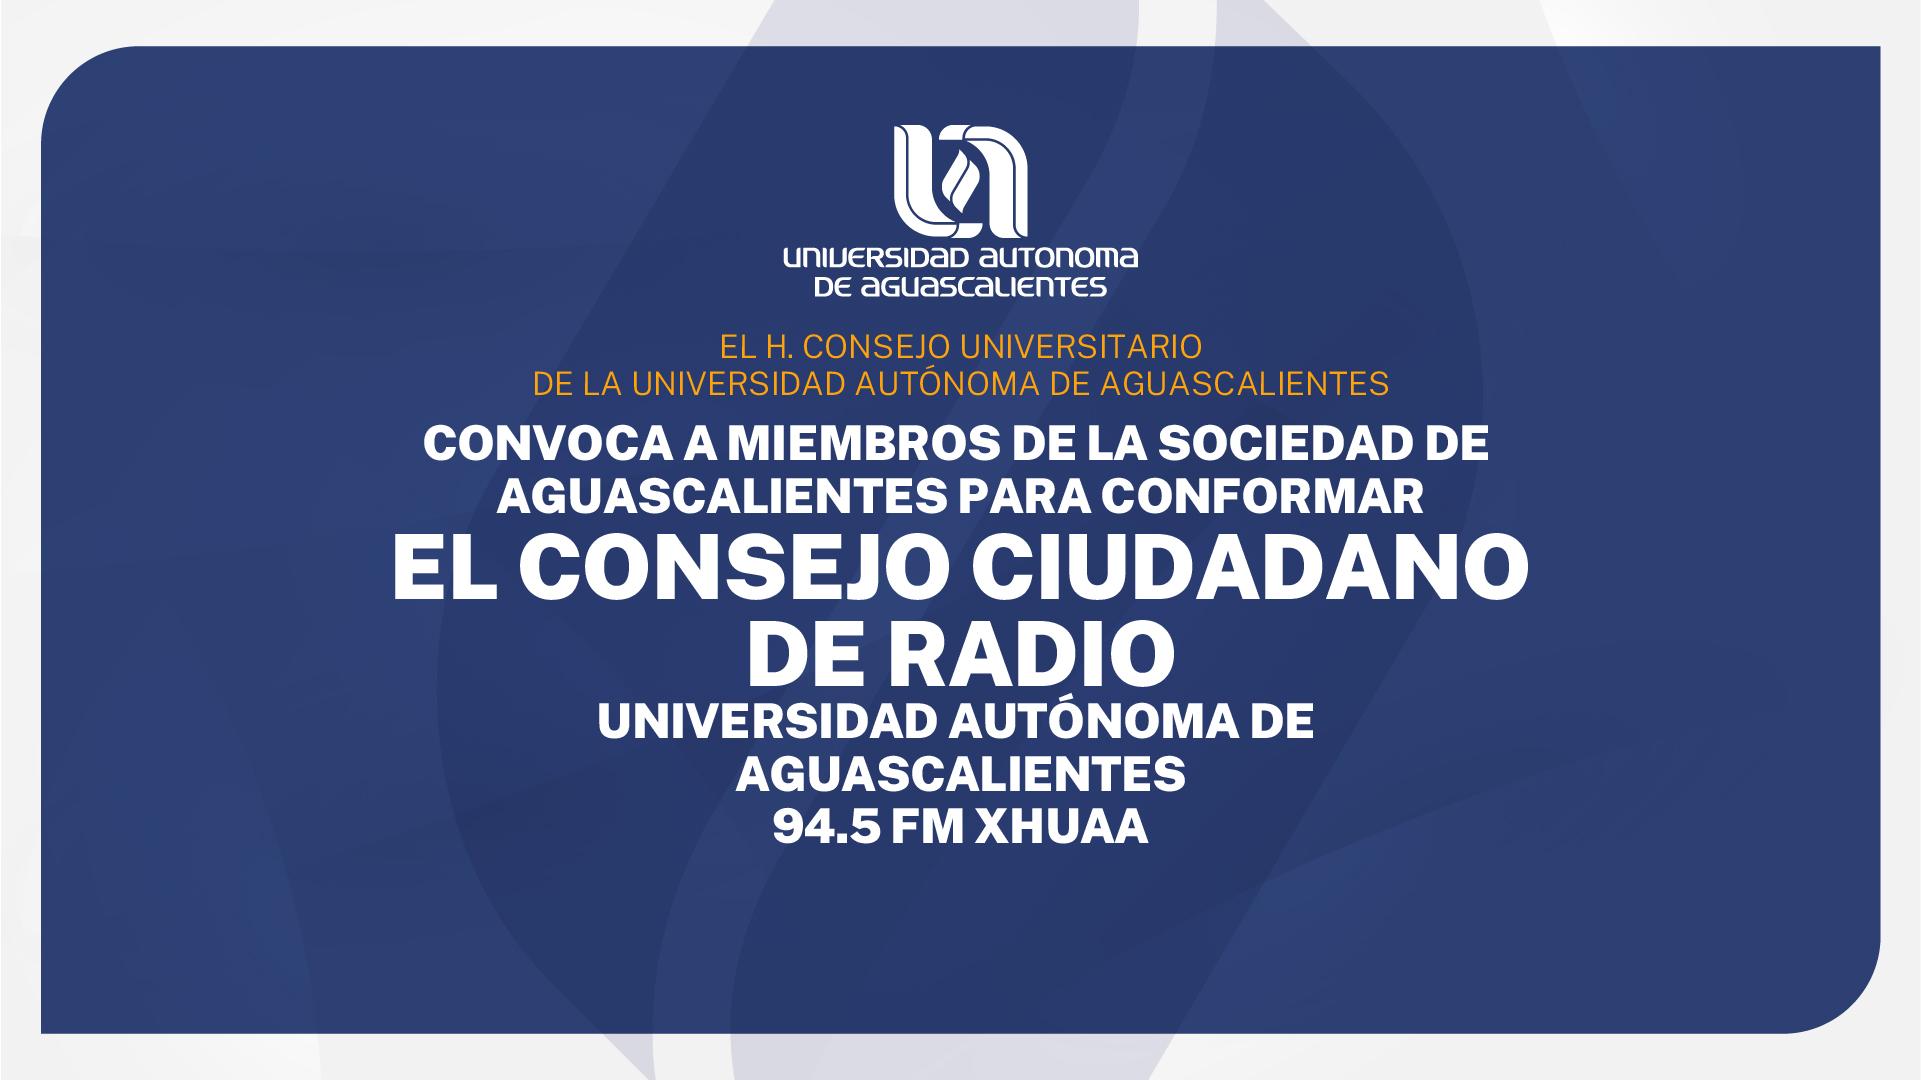 CONVOCA A MIEMBROS DE LA SOCIEDAD DE AGUASCALIENTES PARA CONFORMAR EL CONSEJO CIUDADANO DE RADIO UNIVERSIDAD AUTÓNOMA DE AGUASCALIENTES 94.5 FM XHUAA